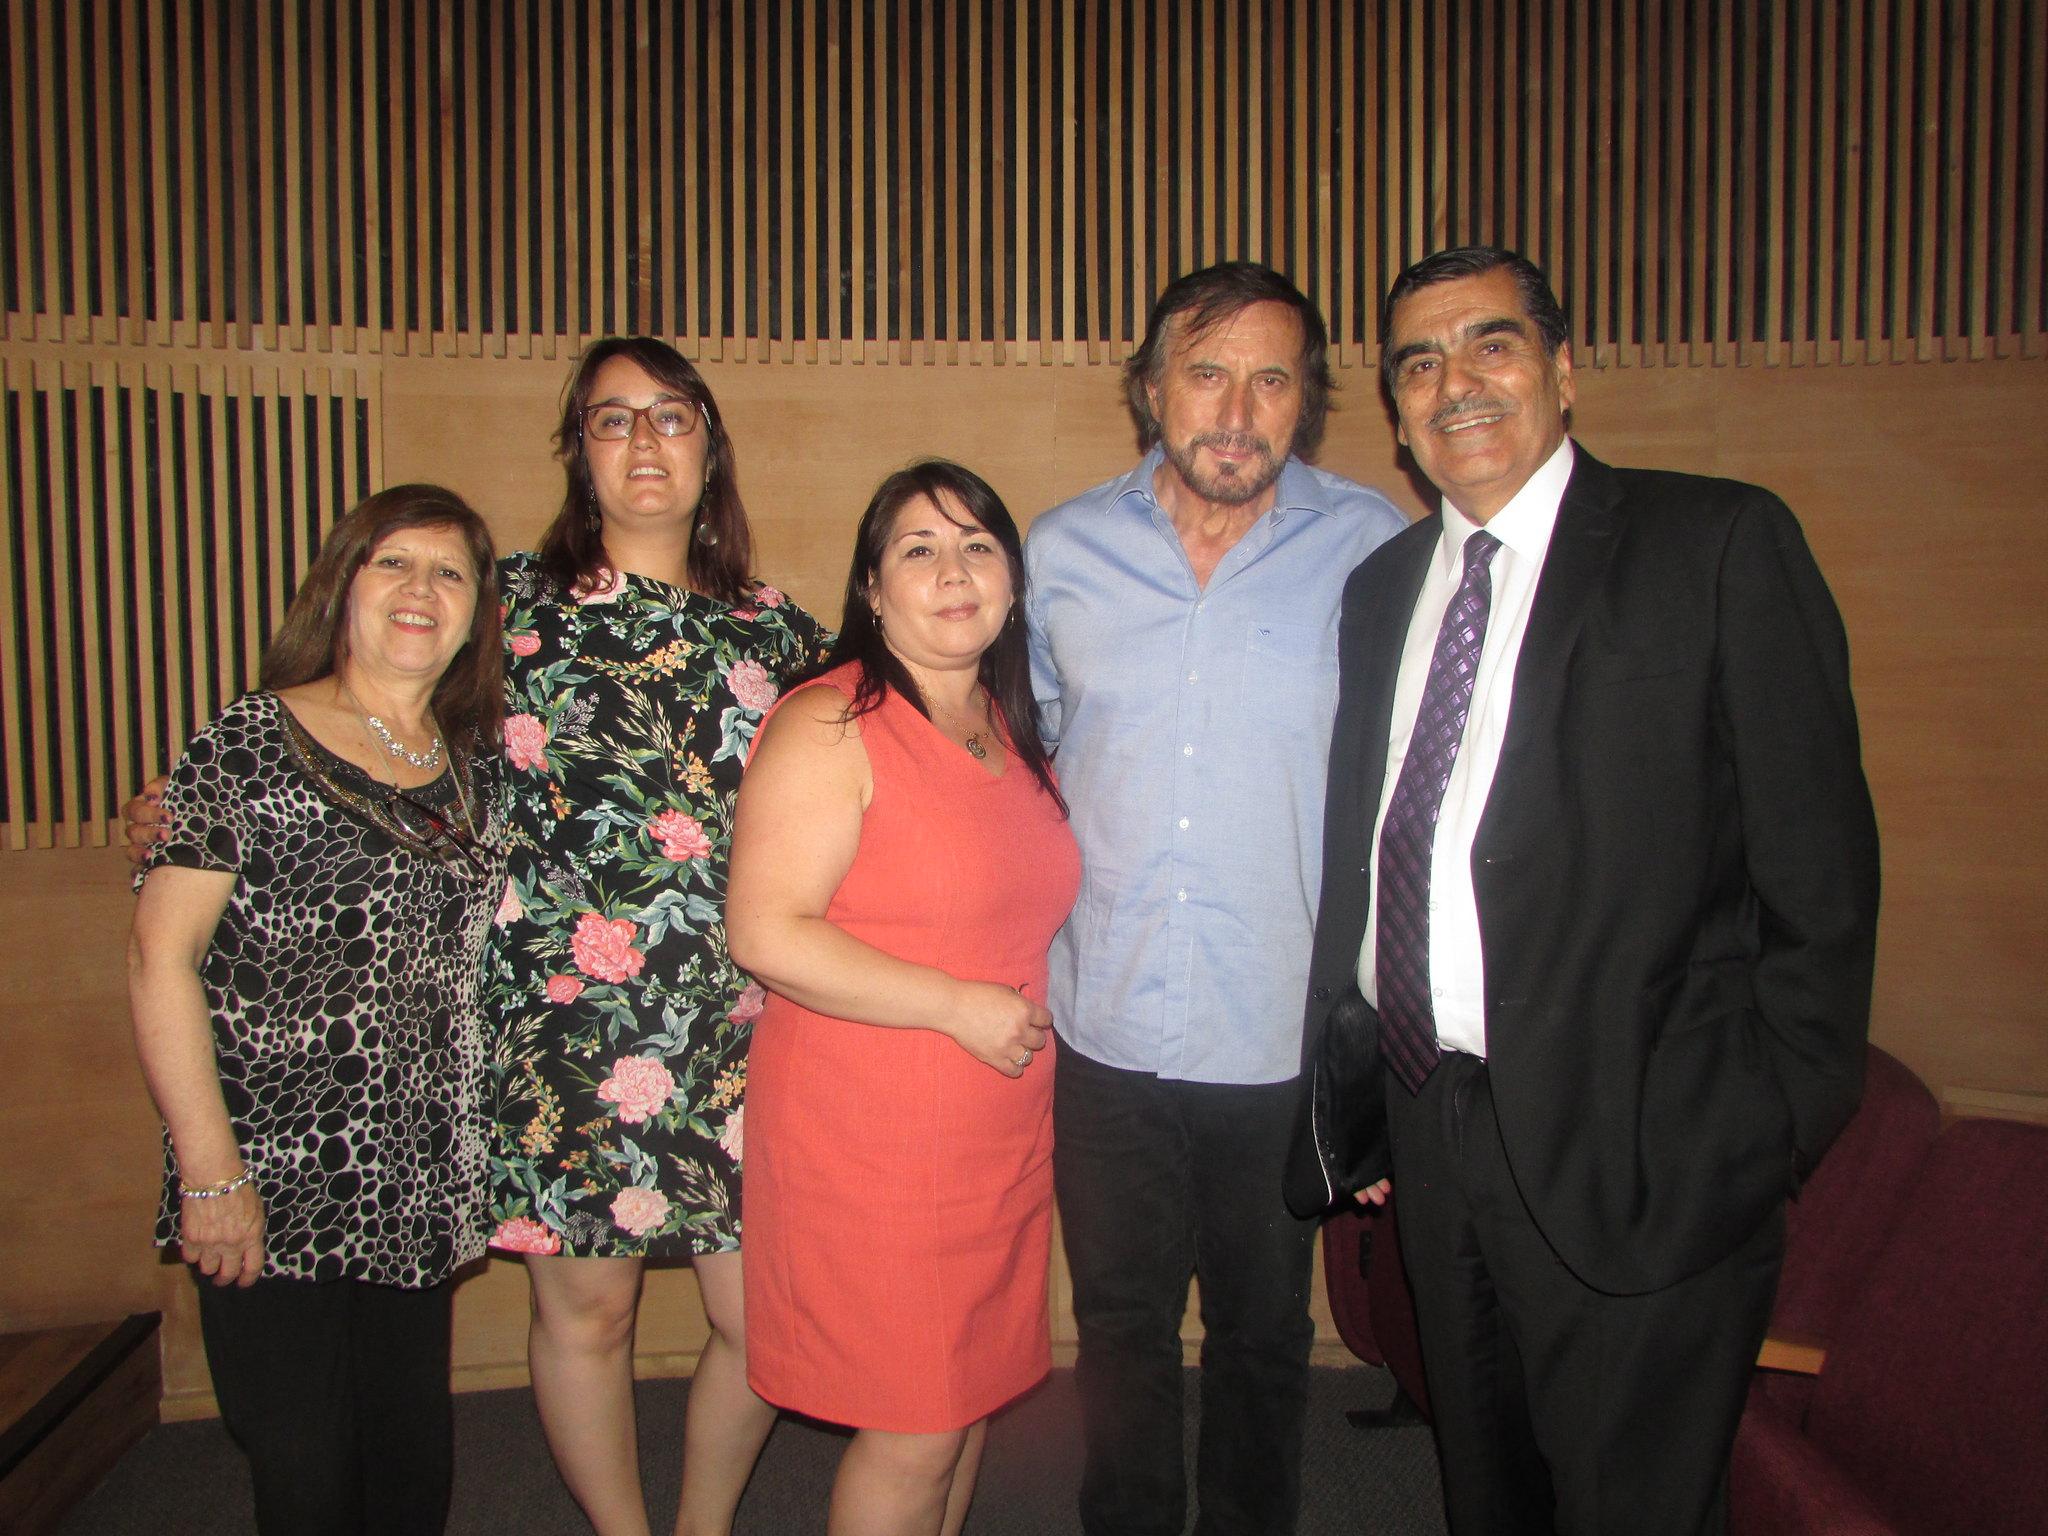 ANEC realizó feliz Sorteo Navideño con magníficos premios para socios y socios – 20 Diciembre 2018